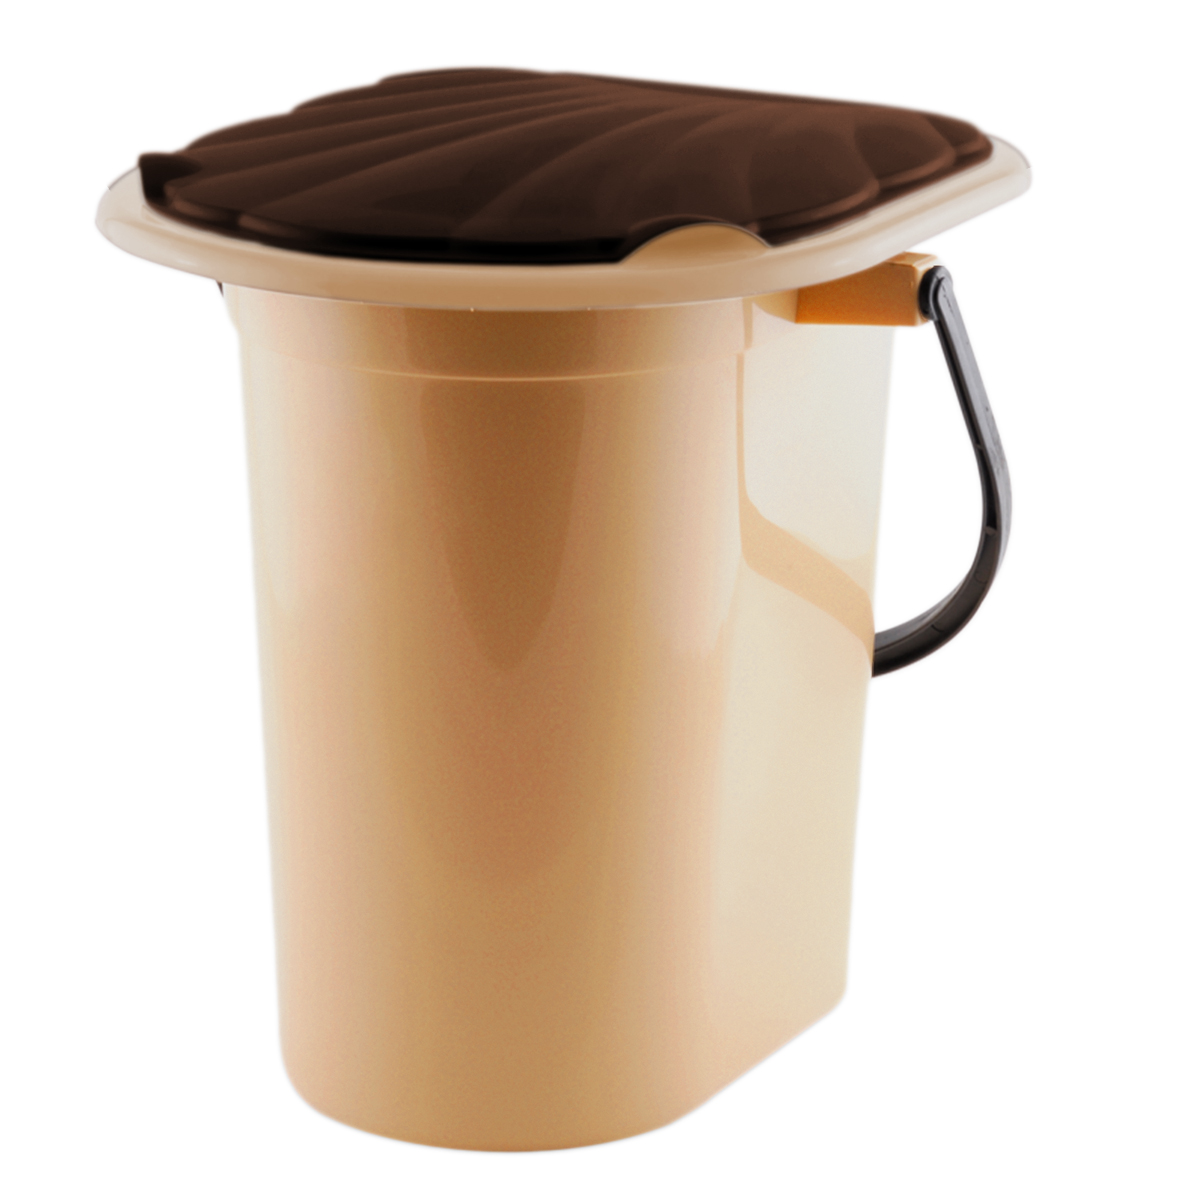 Ведро-туалет  InGreen , цвет: бежевый, коричневый, 18 л - Биотуалеты и септики